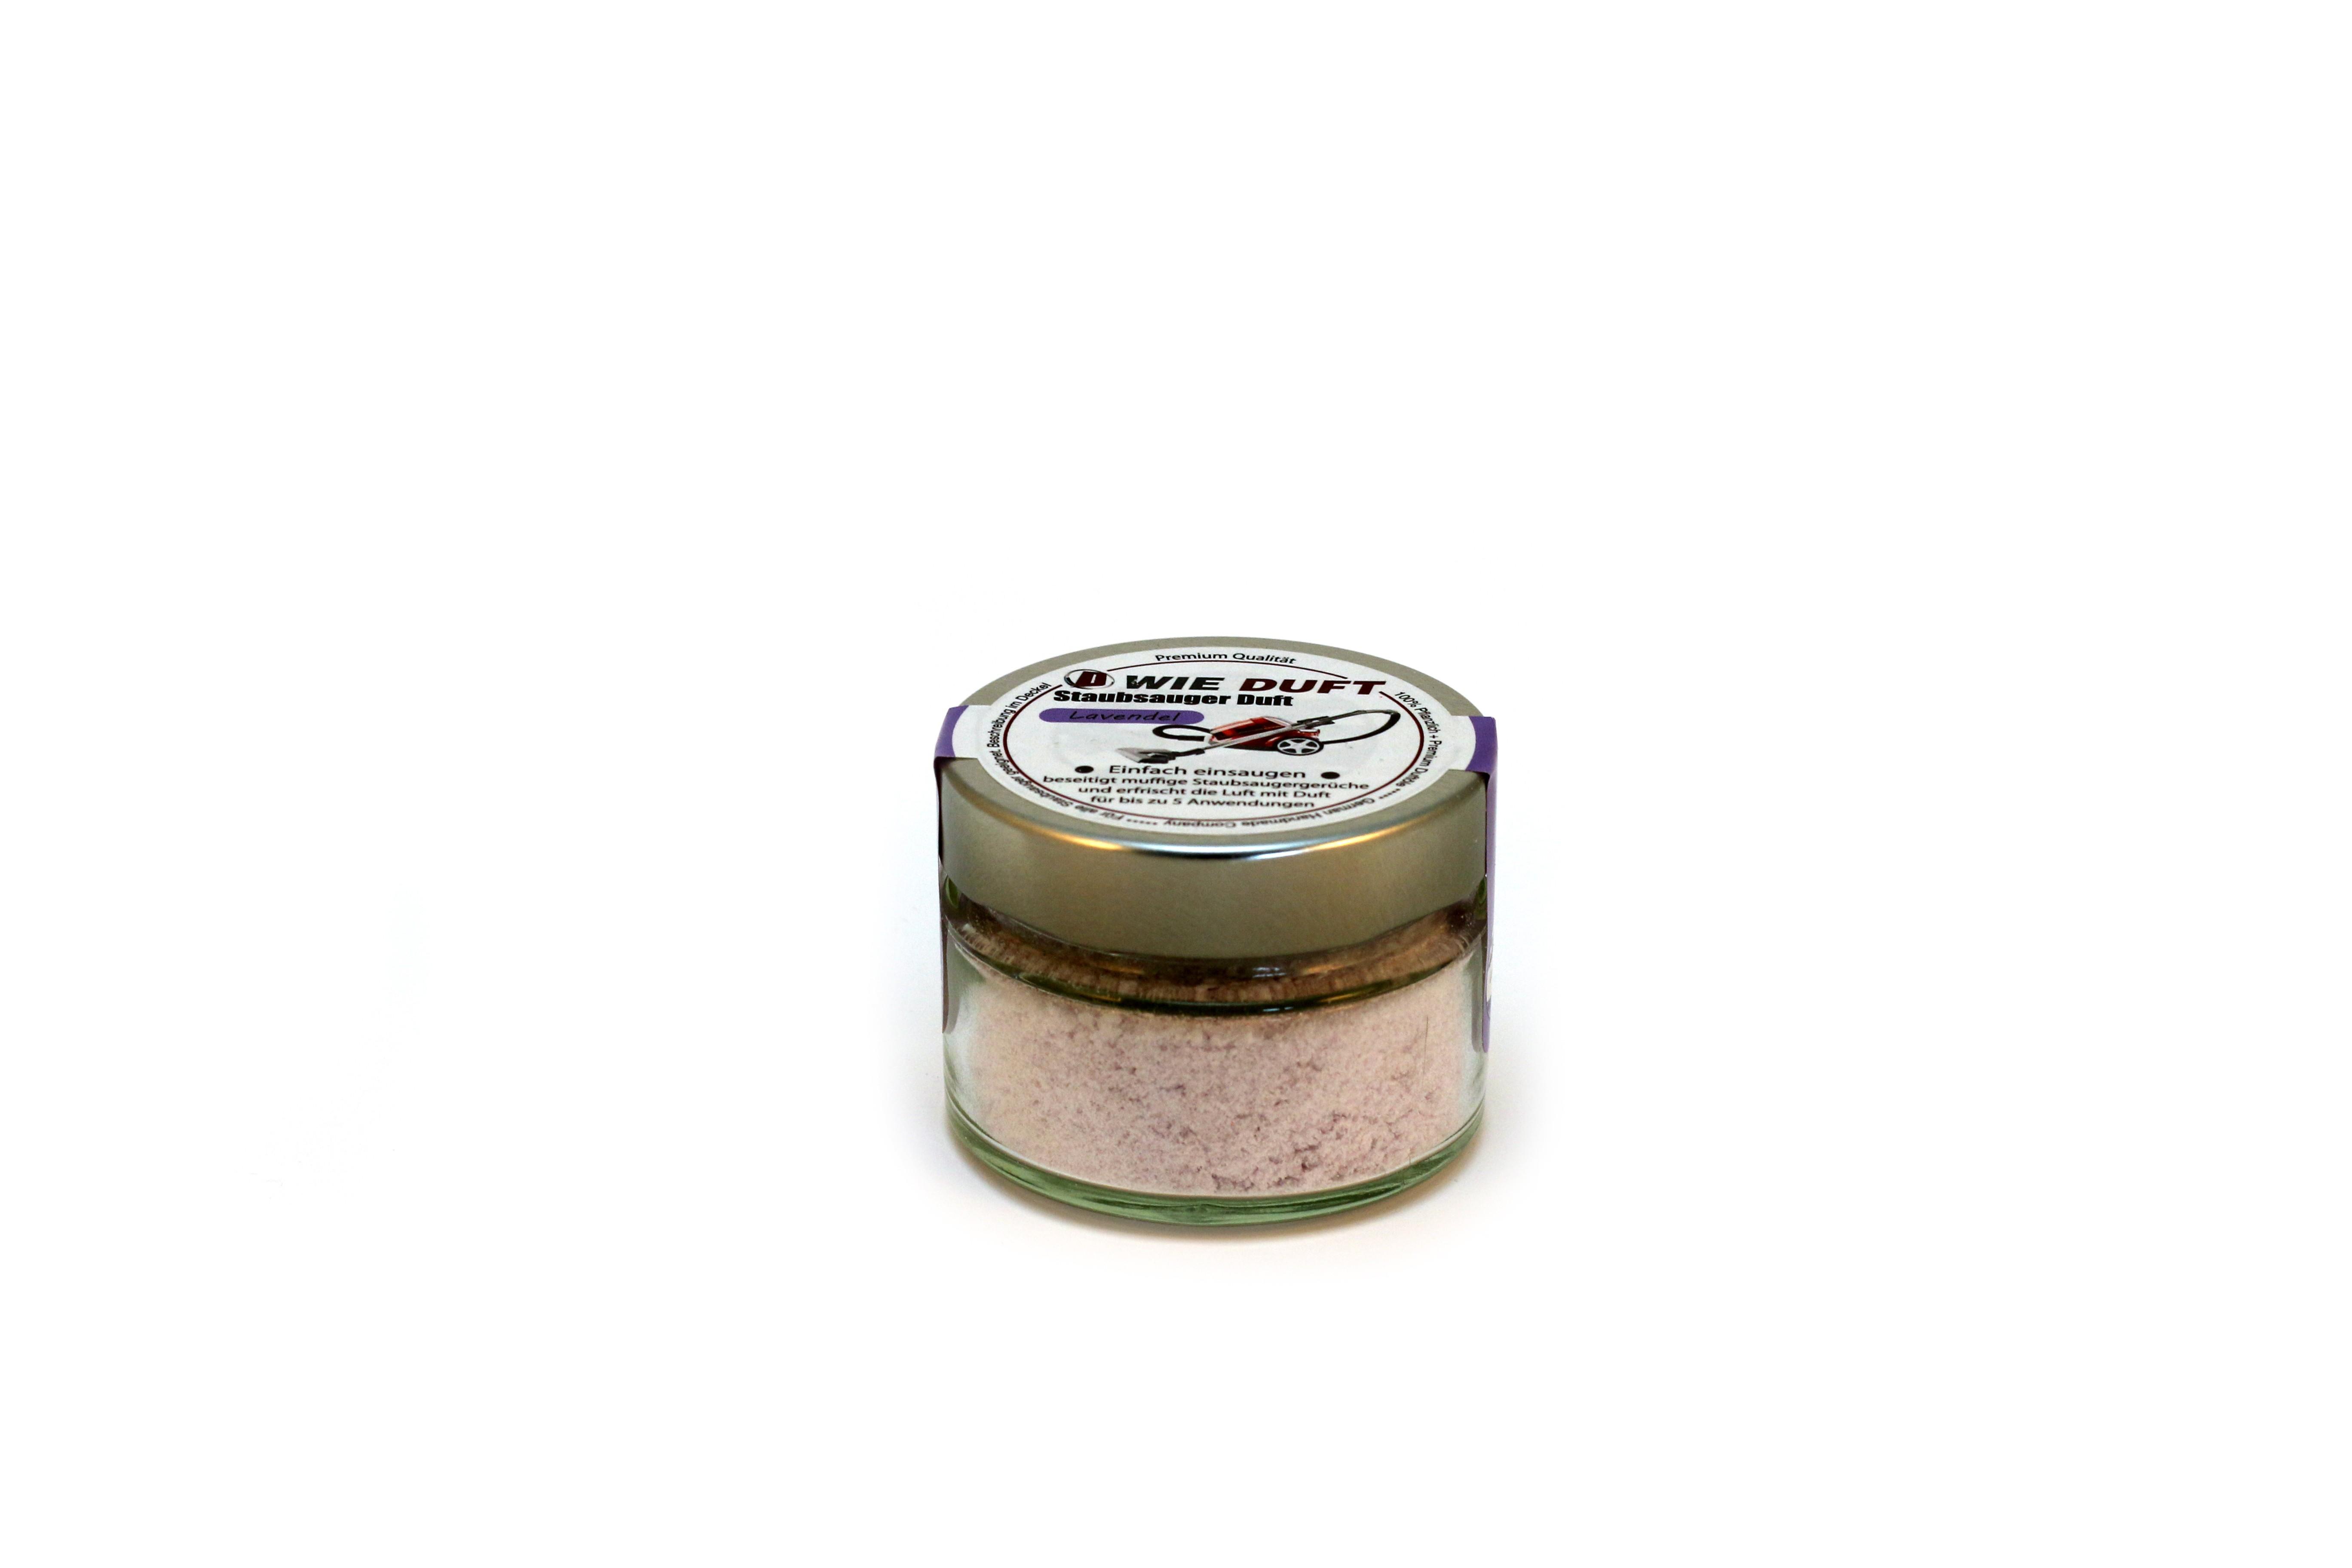 Staubsaugerduft Lavendel 120ml